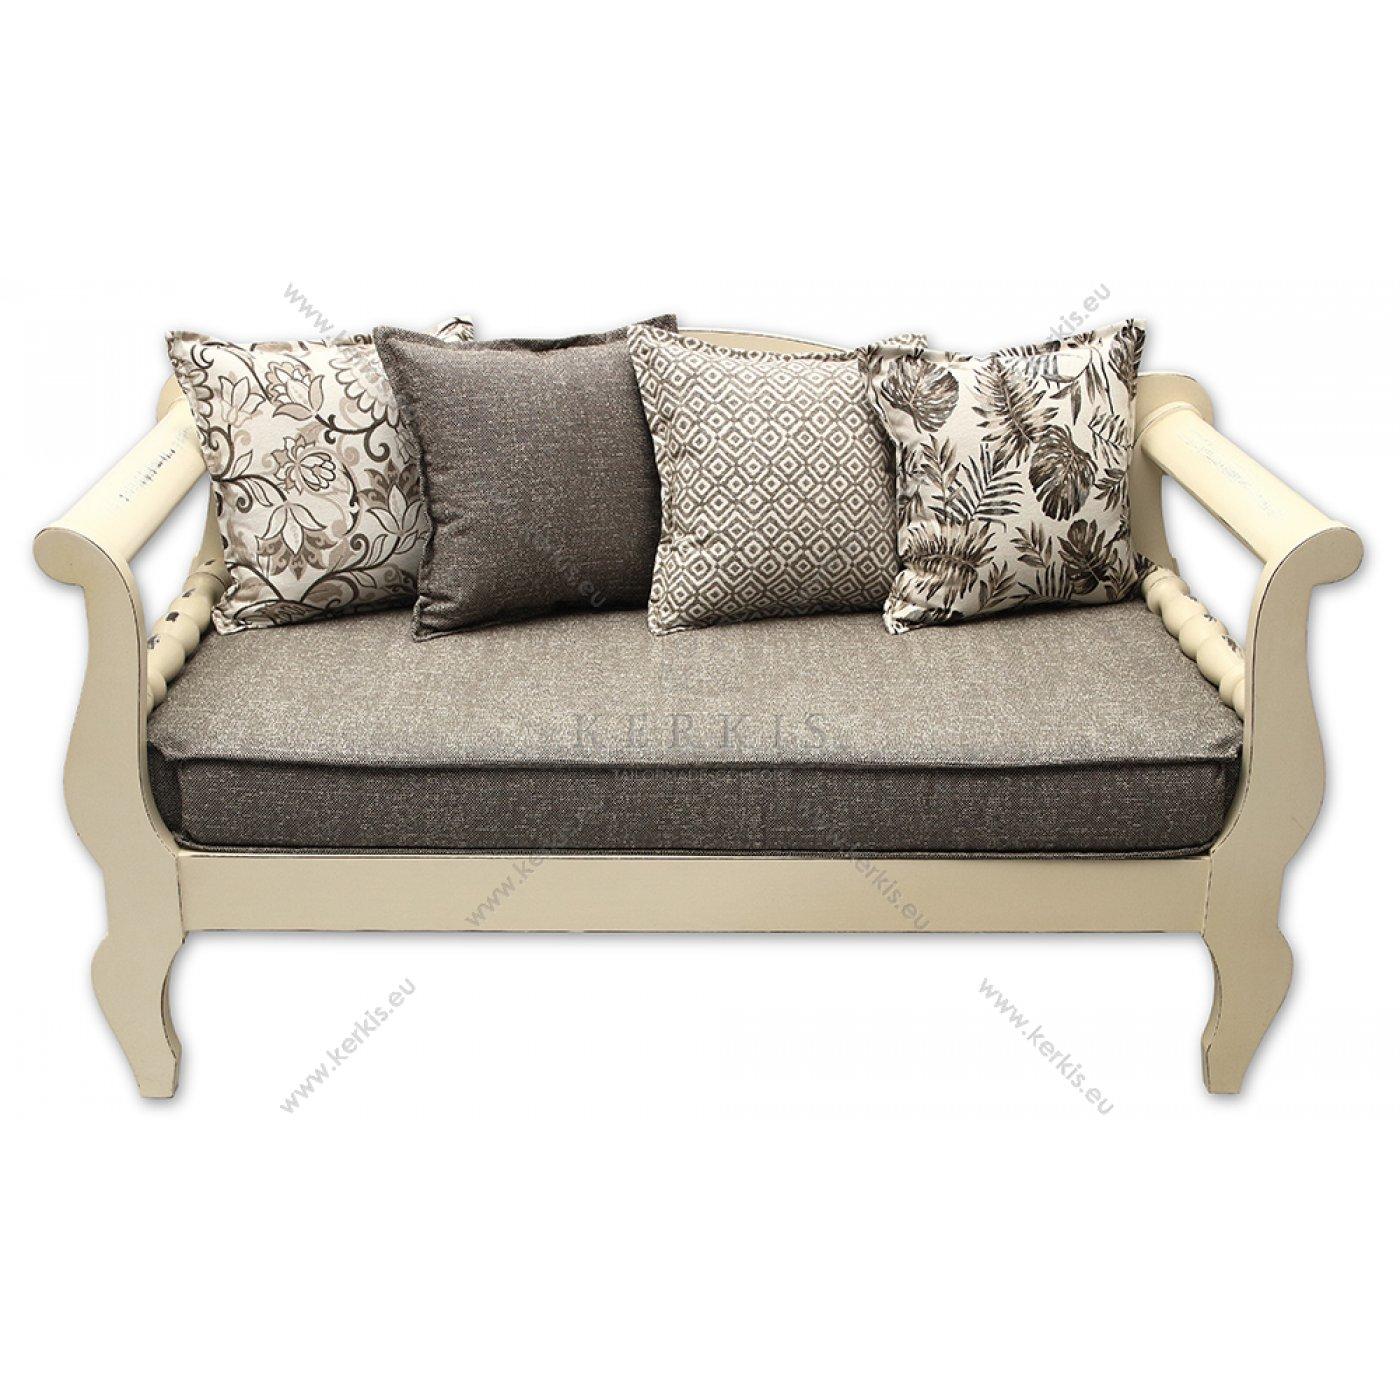 Μαξιλάρια καναπέ παραδοσιακού με διακοσμητικά μαξιλάρια